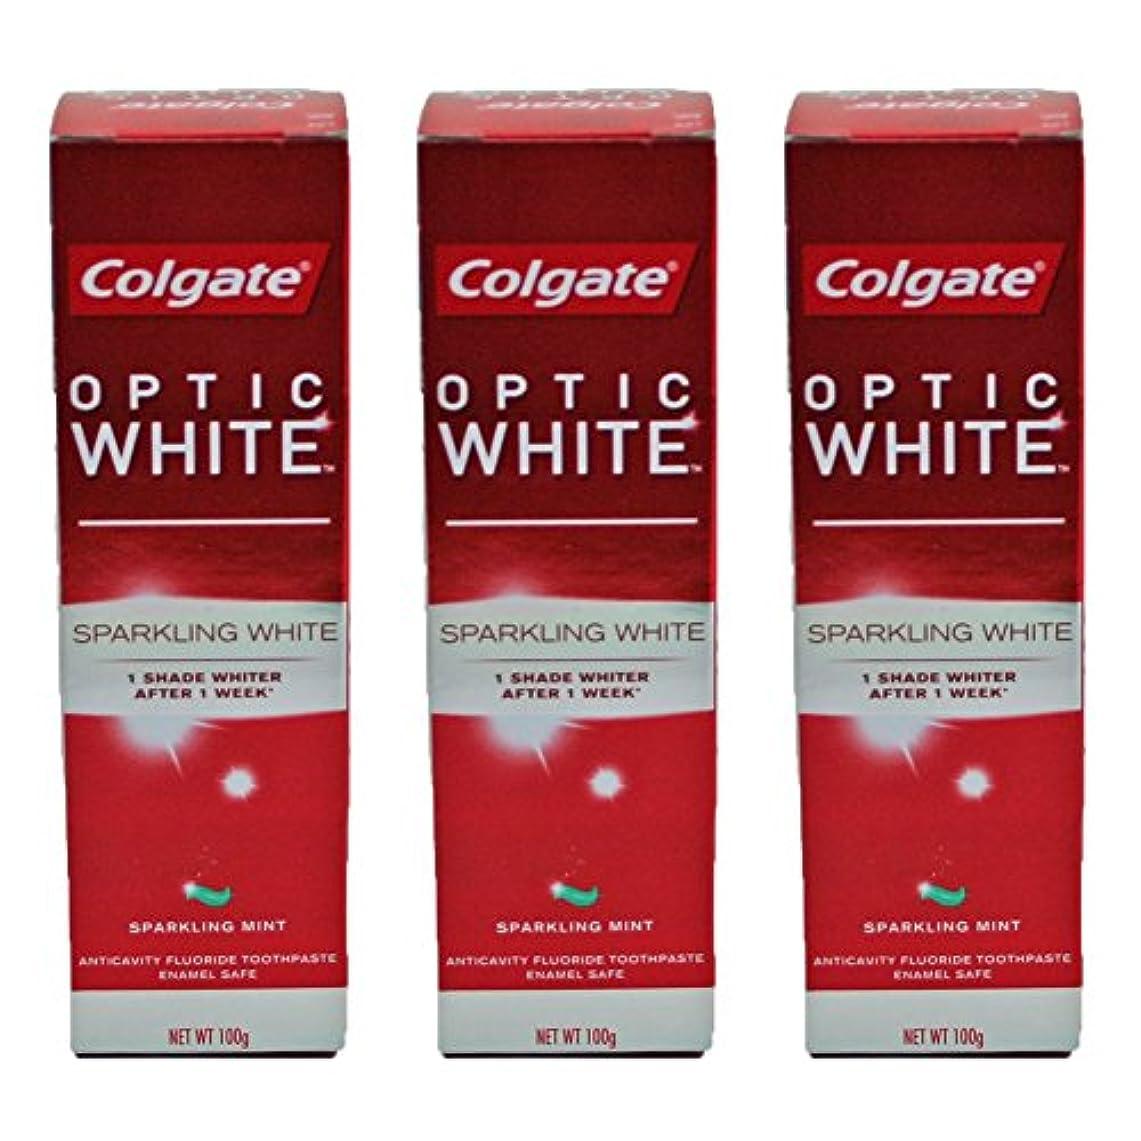 弱める基礎祝うコールゲート オプティック ホワイト スパークリングシャイン 100g 3個セット [並行輸入品]